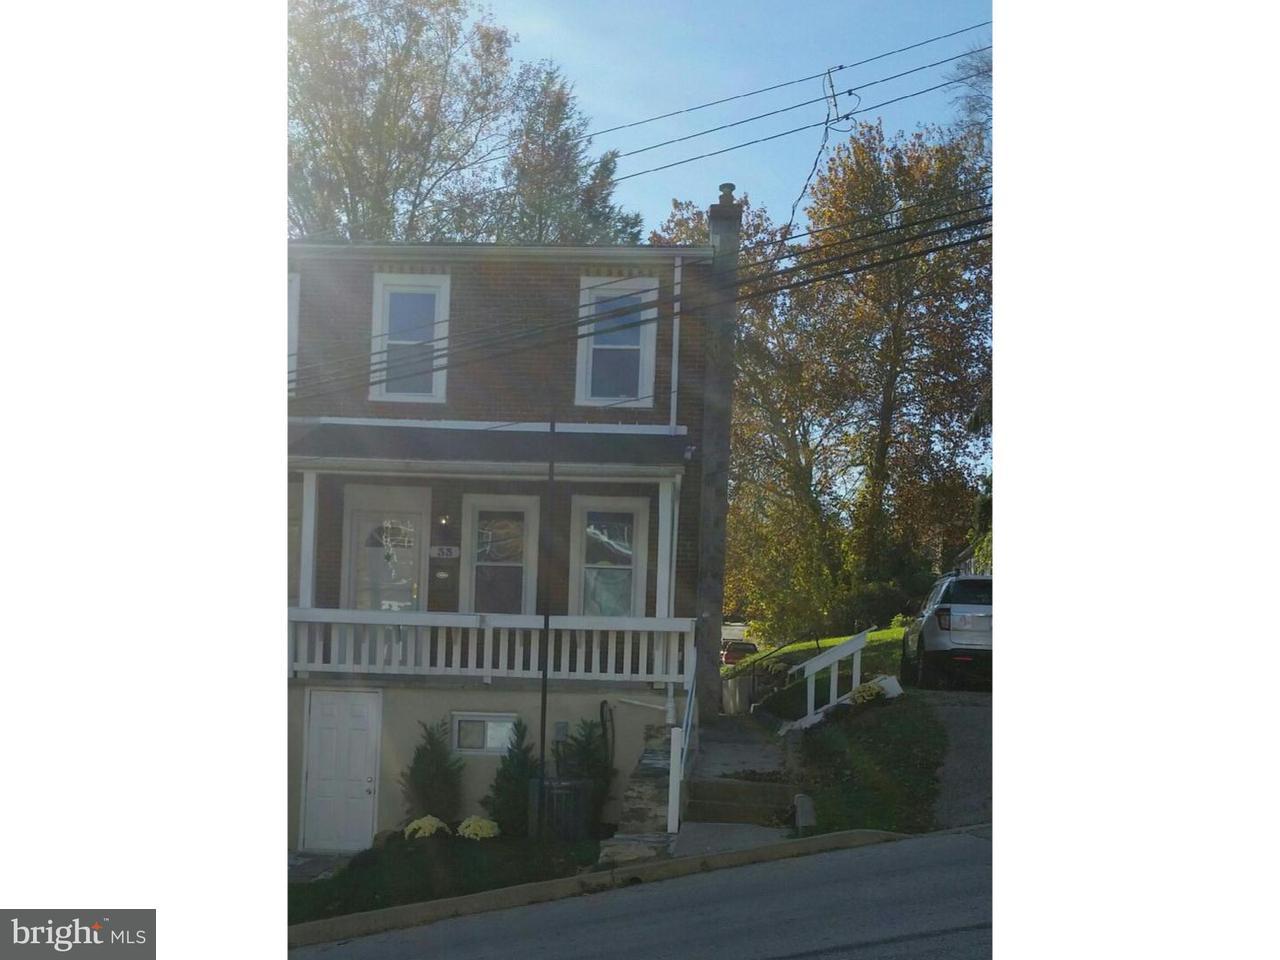 联栋屋 为 销售 在 33 DEHAVEN Avenue West Conshohocken, 宾夕法尼亚州 19428 美国